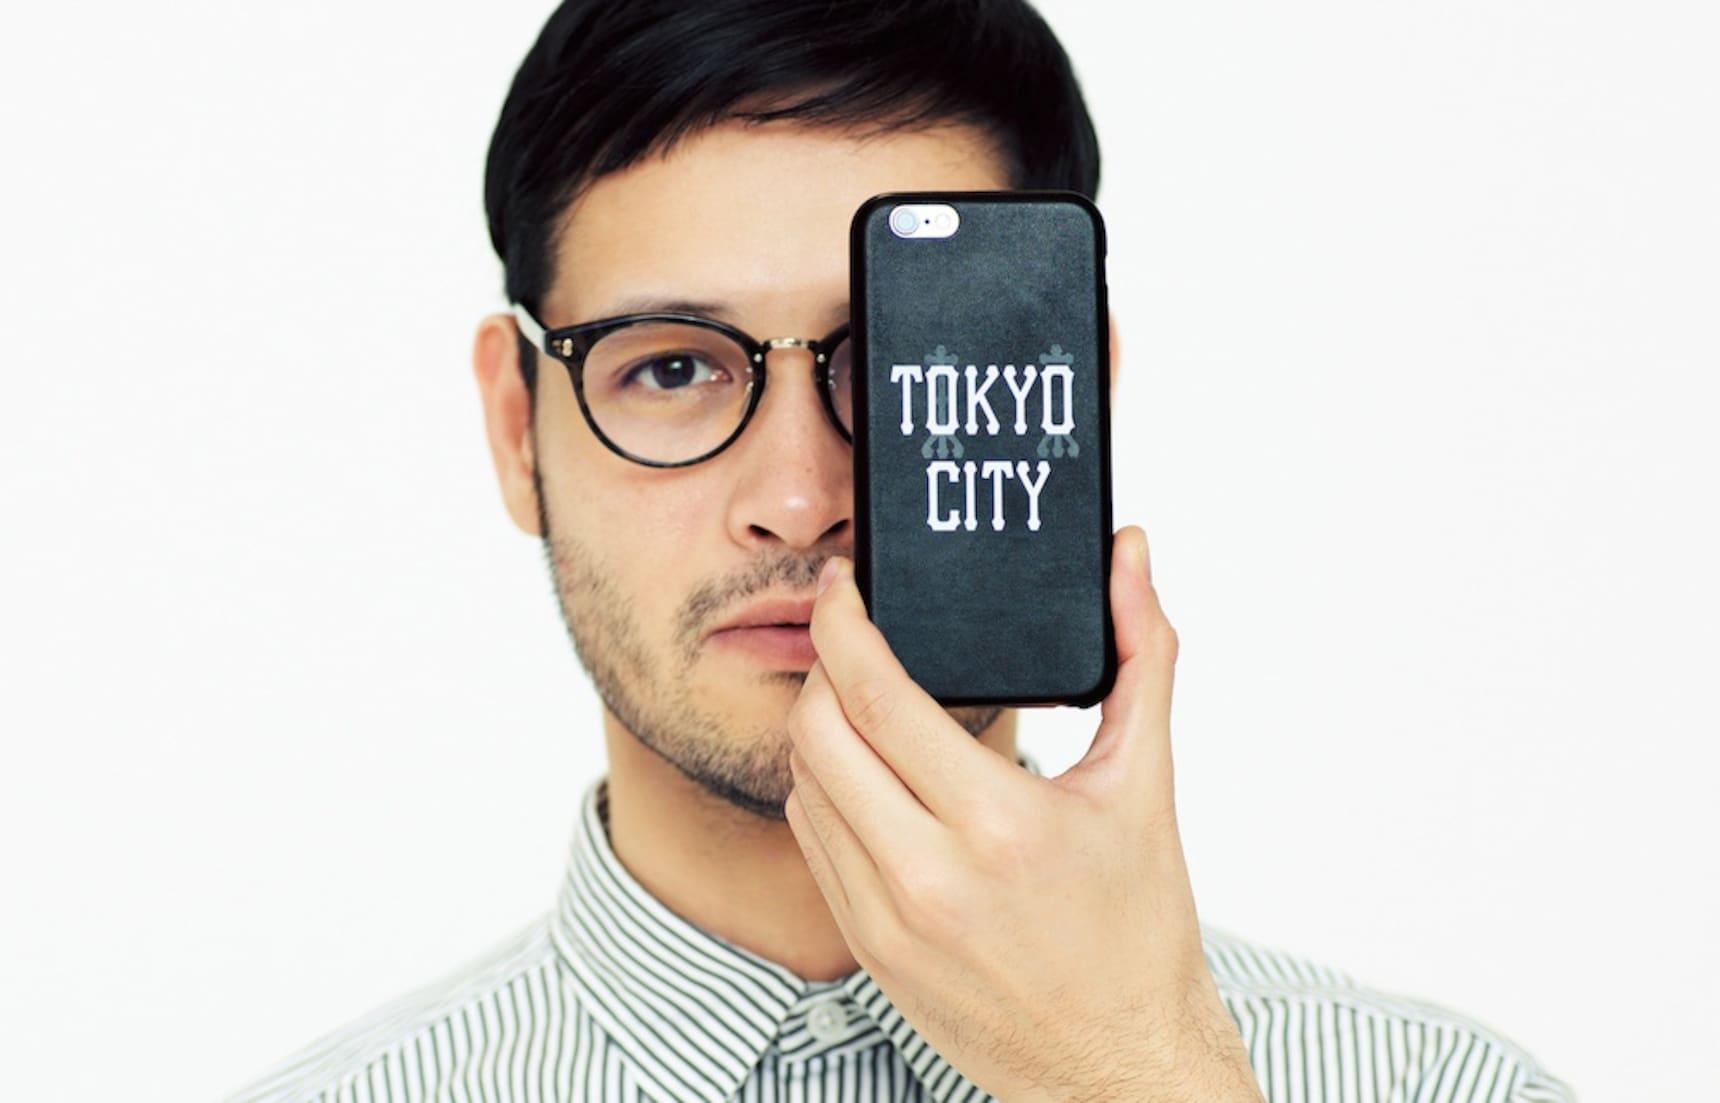 แฟชั่น 9 สไตล์ของหนุ่มญี่ปุ่น